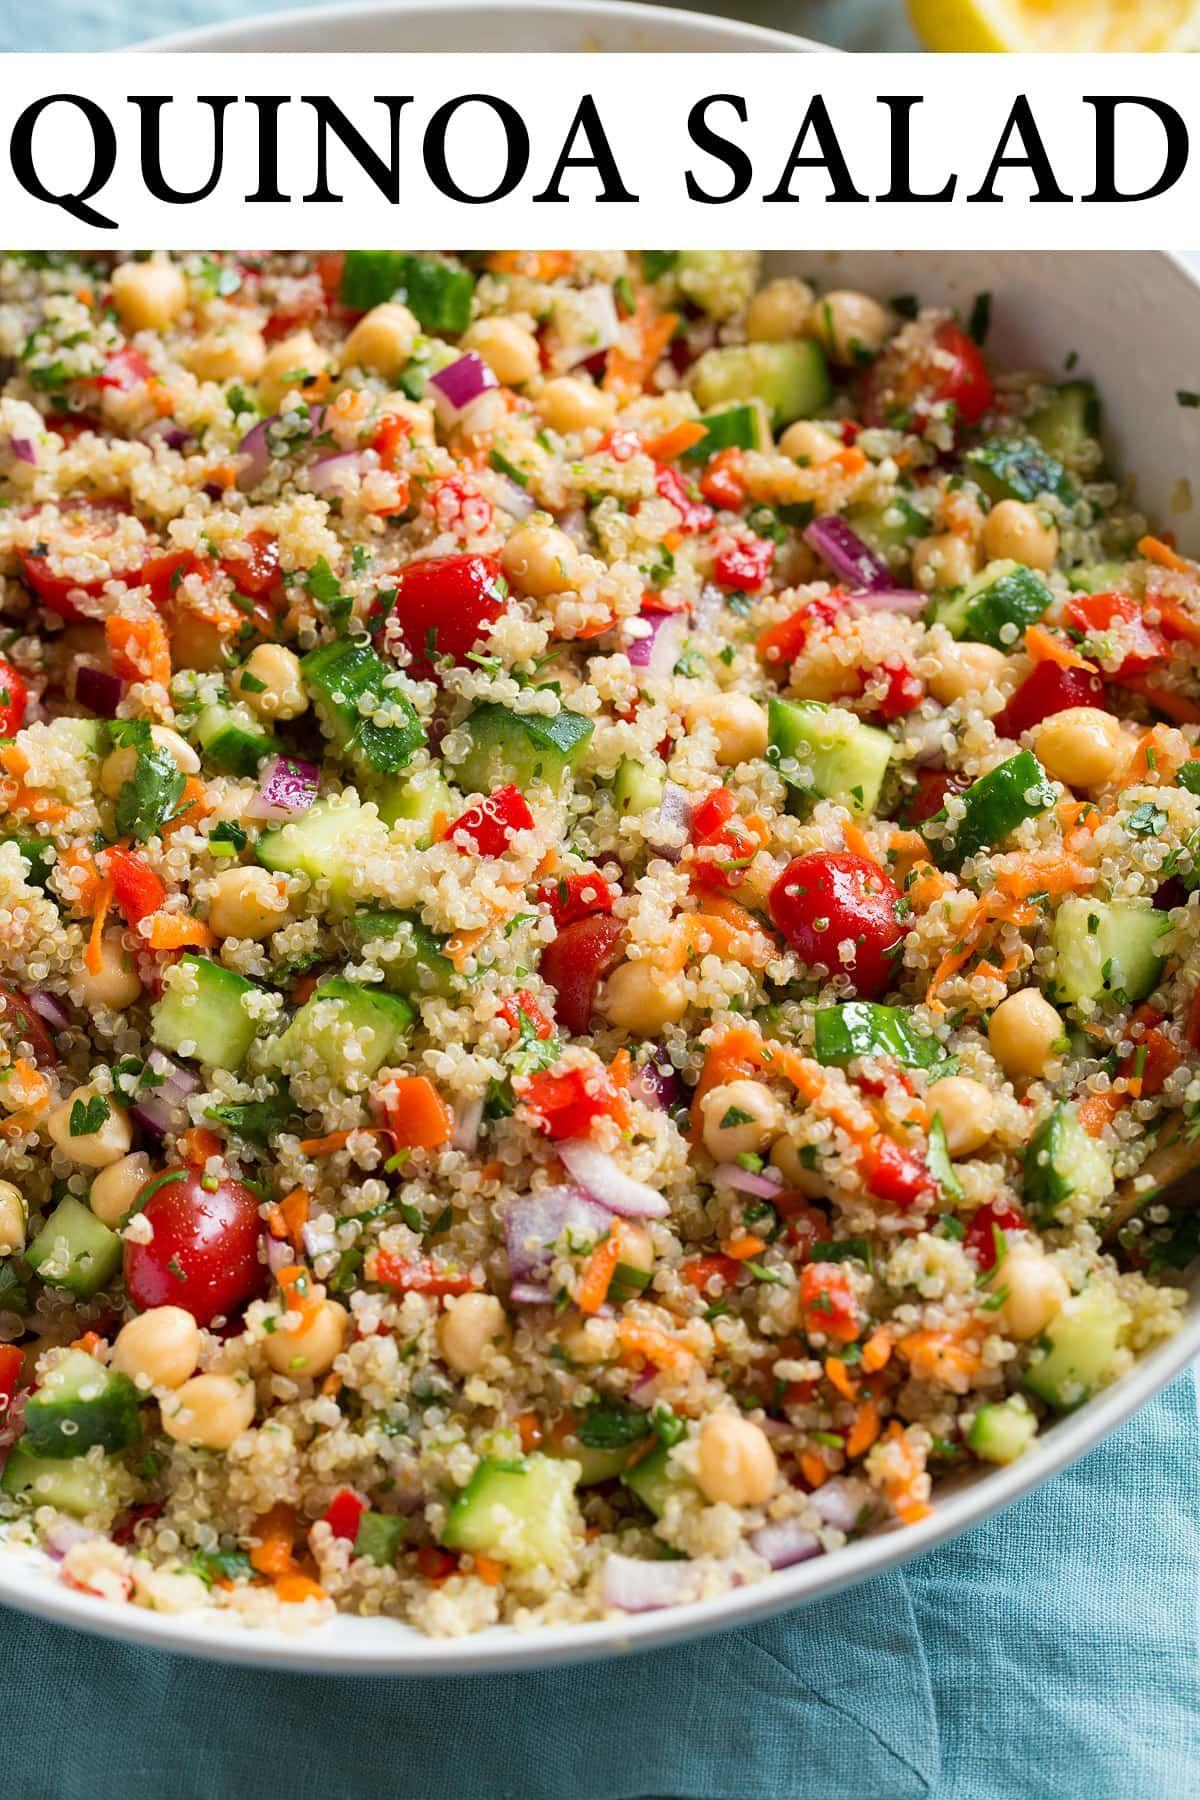 Quinoa Salad - Cooking Classy